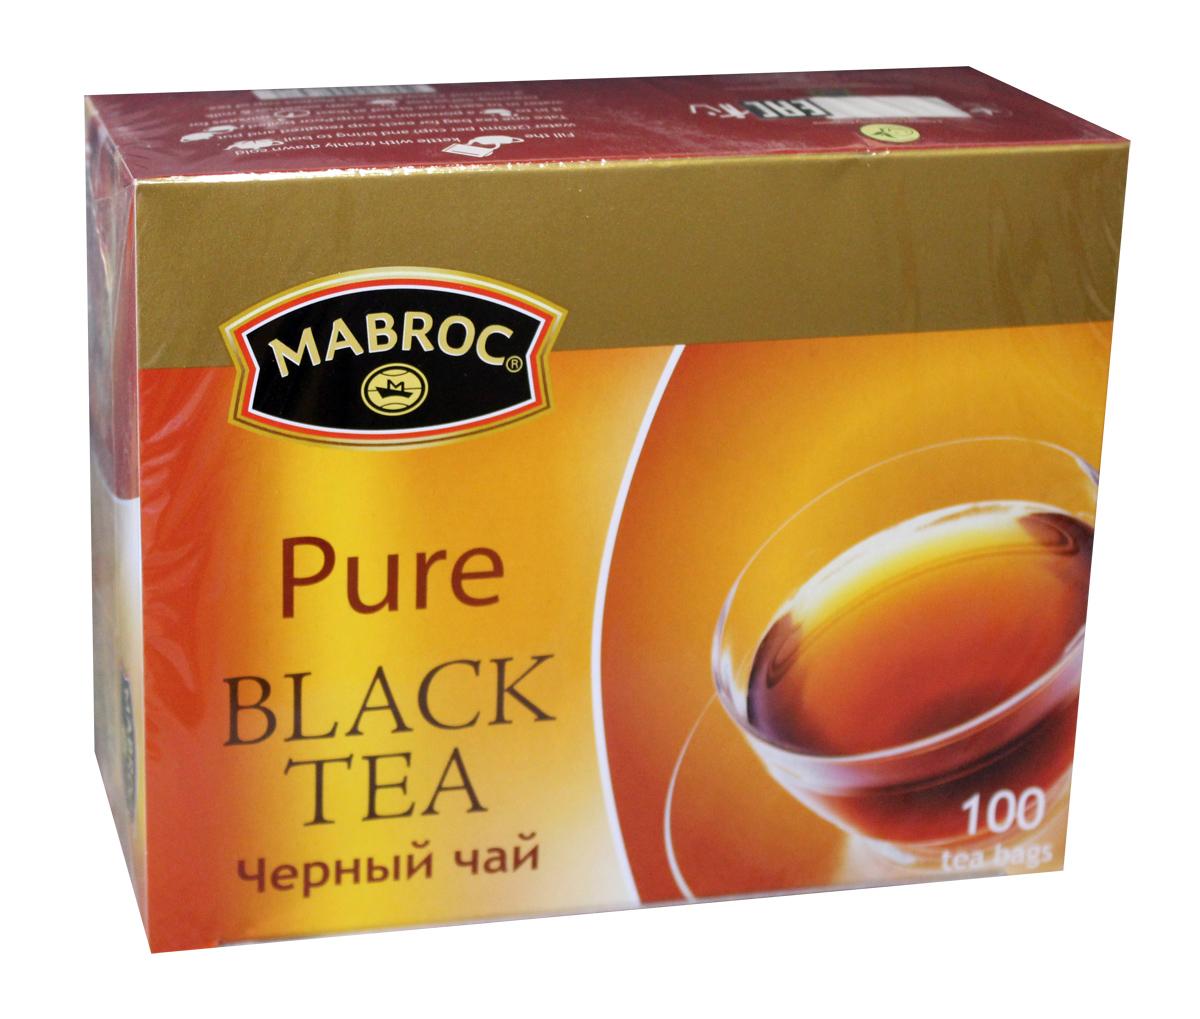 Mabroc Премиум классик чай черный в пакетиках, 100 шт4791029008578Mabroc Премиум классик - это качественный чай с собственных плантаций. Его насыщенный вкус и терпкий аромат никого не оставят равнодушным. Цейлонский черный мелколистовой чай в пакетиках имеет яркий, прозрачный настой с интенсивной окраской. Быстро заваривается. Вкус терпкий с приятной горчинкой и хорошо выраженным ароматом.Всё о чае: сорта, факты, советы по выбору и употреблению. Статья OZON Гид